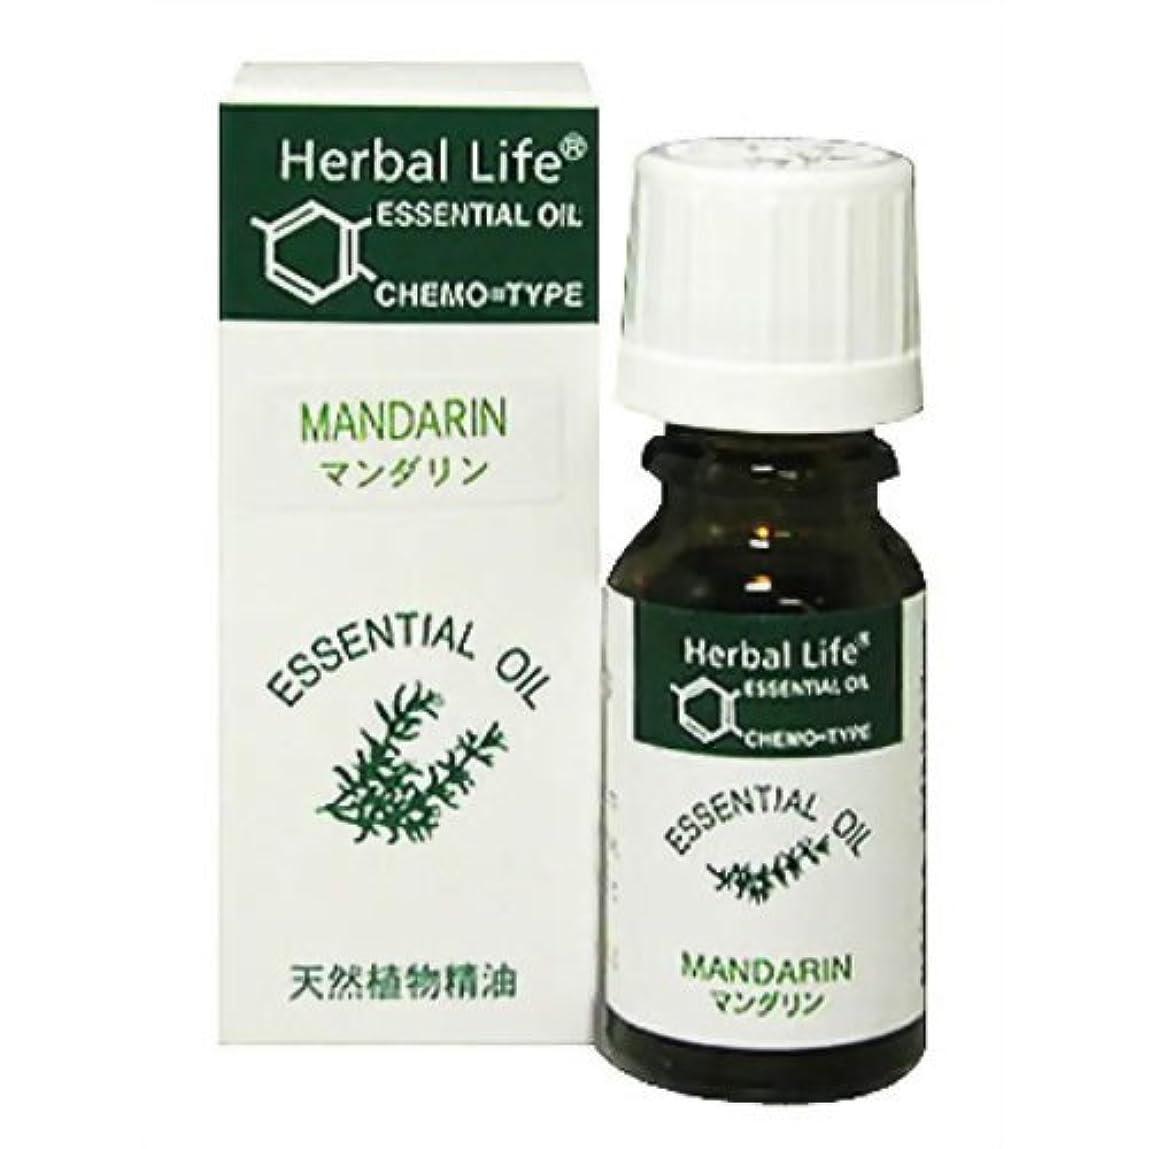 生活の木 Herbal Life マンダリン 10ml